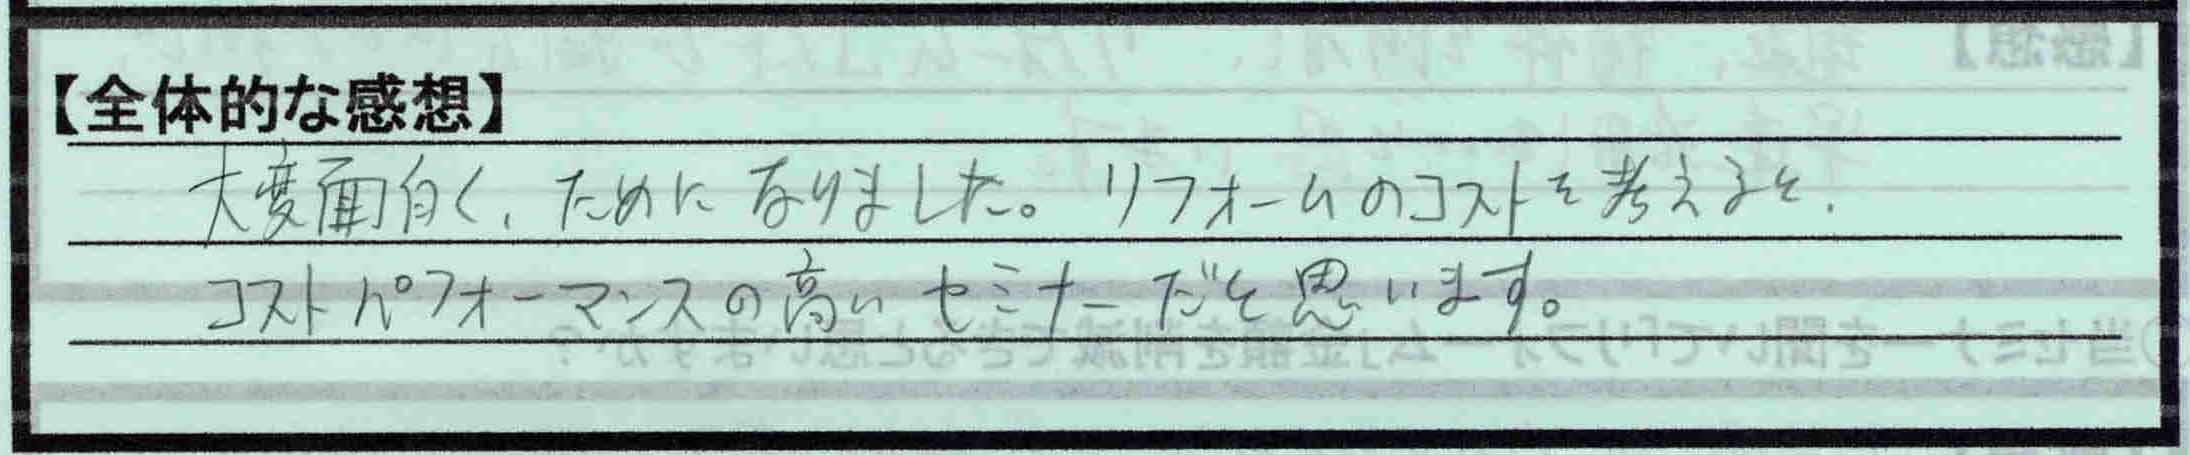 東京都匿名希望-1